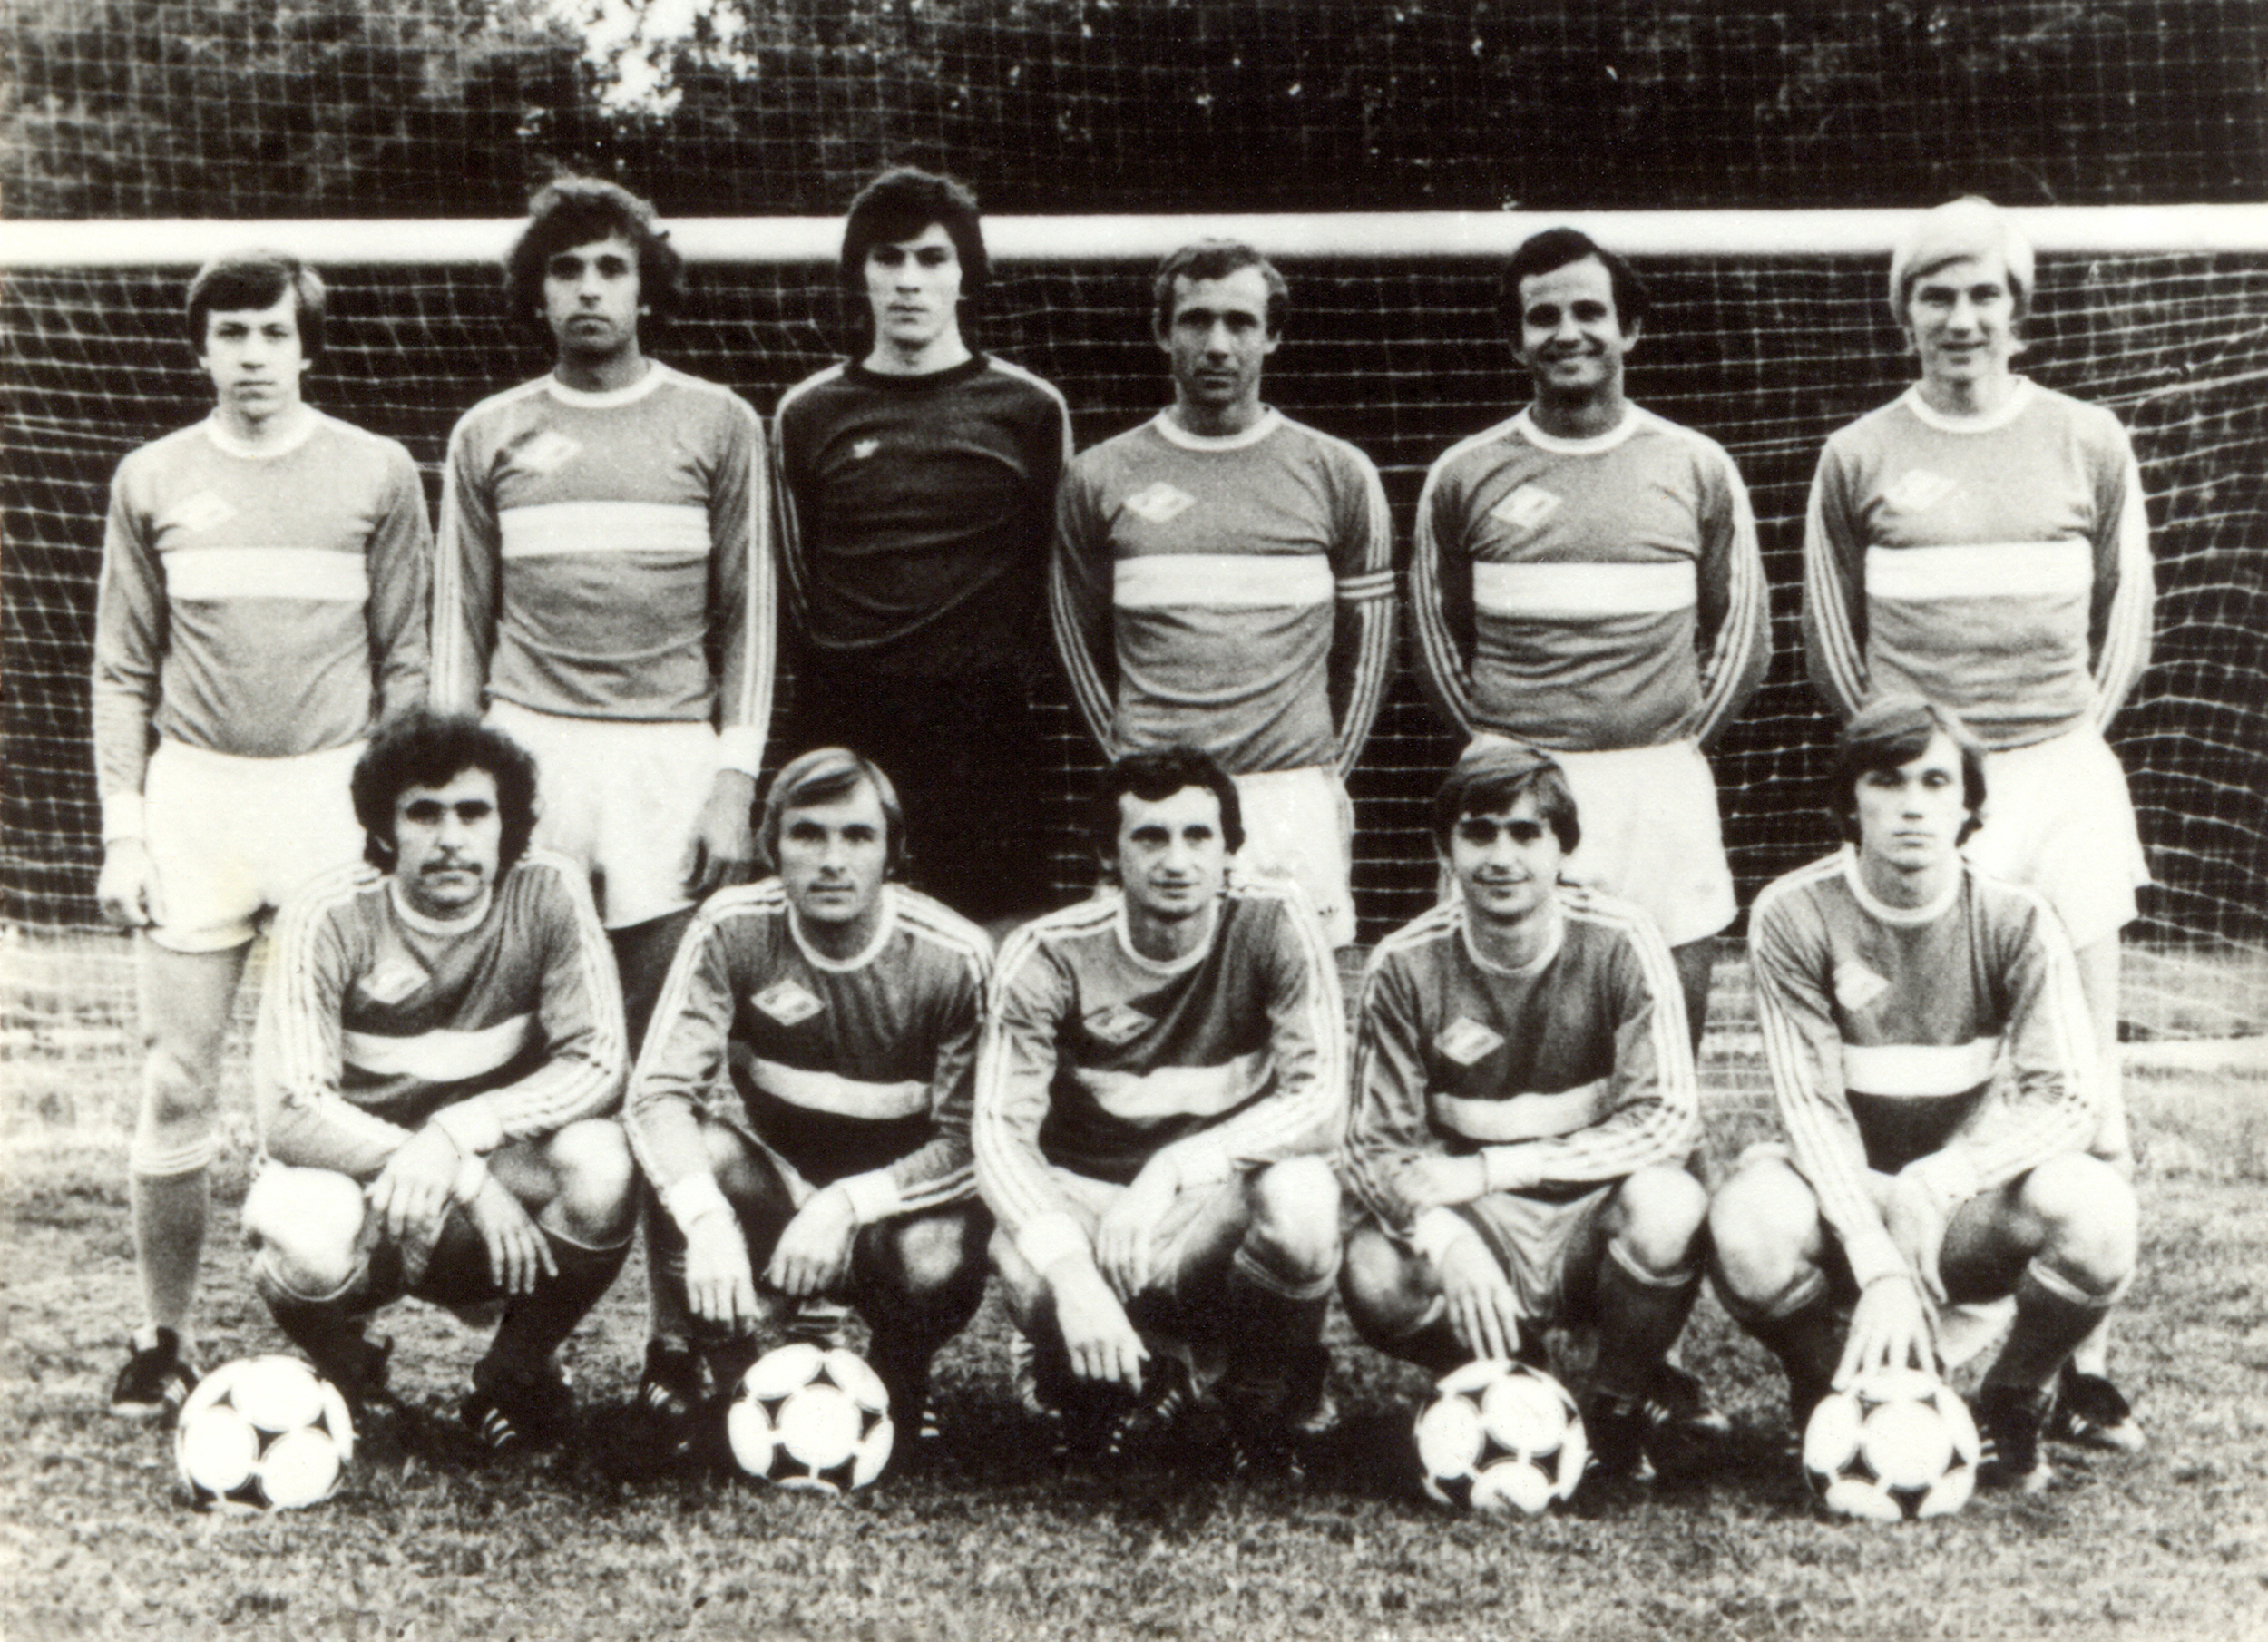 equipo-futbol-1970